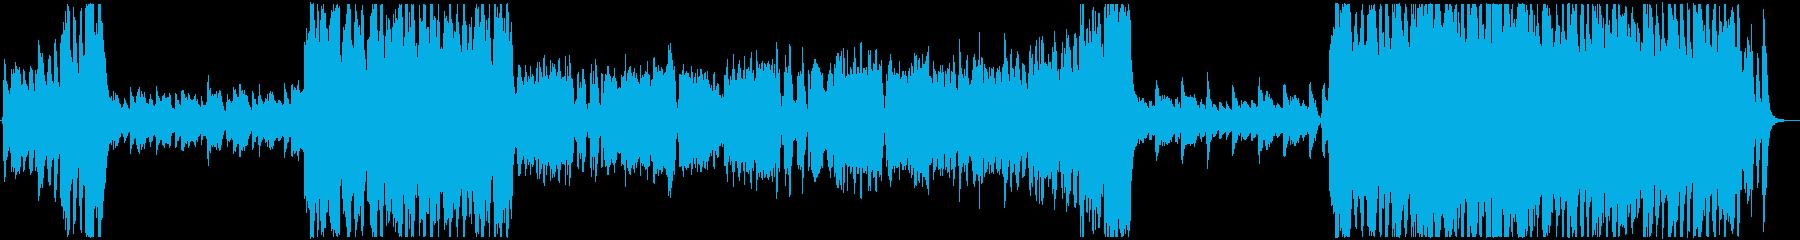 ポップで疾走感のあるオーケストラBGMの再生済みの波形